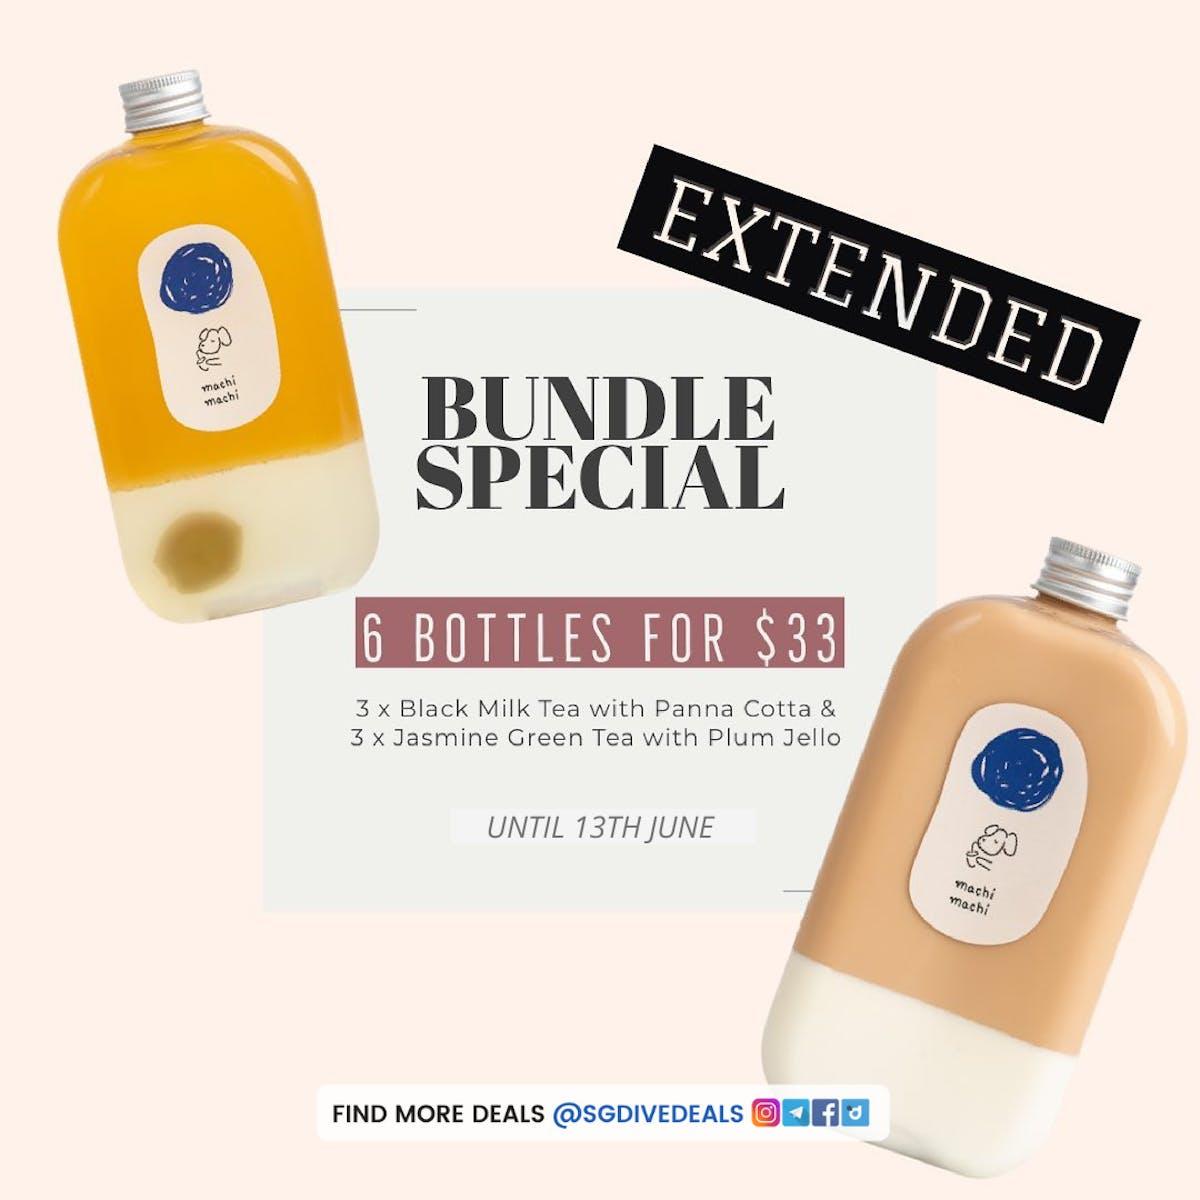 6 bottles for $33 bundle promotion